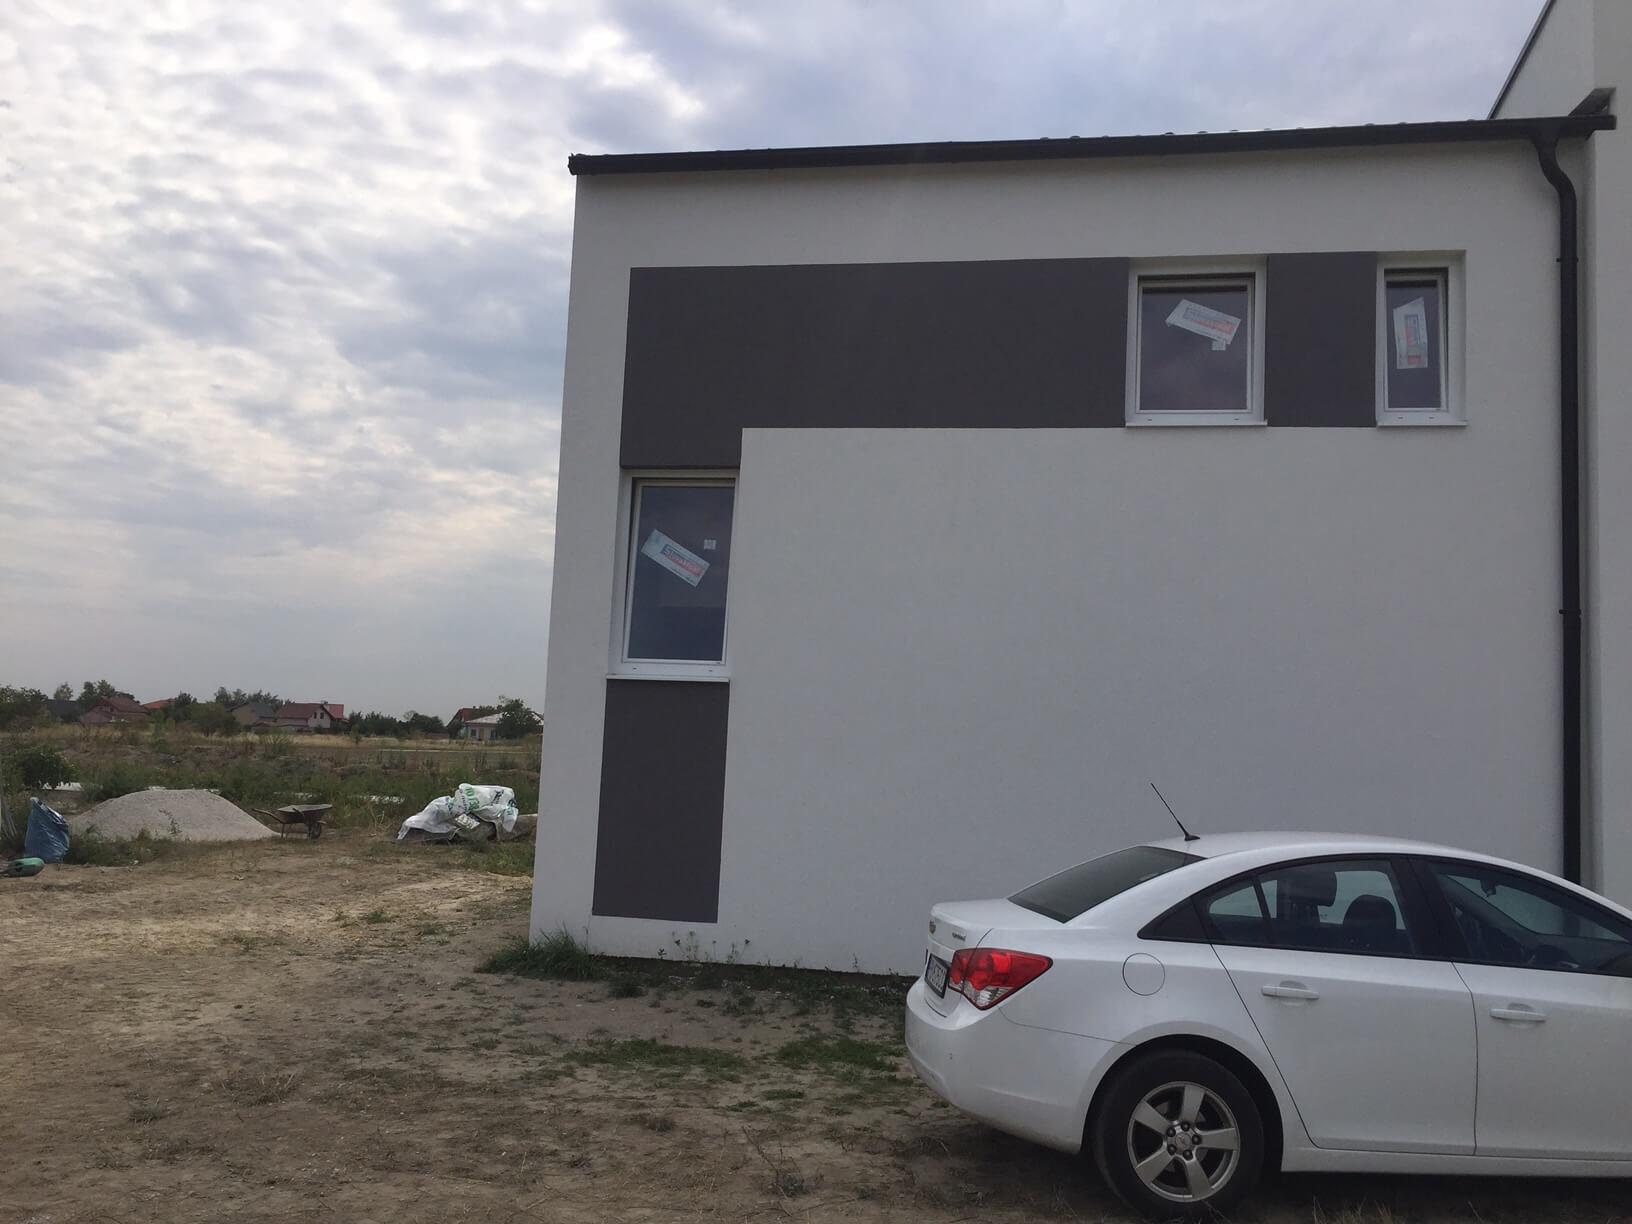 Predané: Posledný Rodinný dom v Dunajskej Lužnej v tichej lokalite, pri Košariskách, pri vlaku, 106m2, pozemok 422m2-14